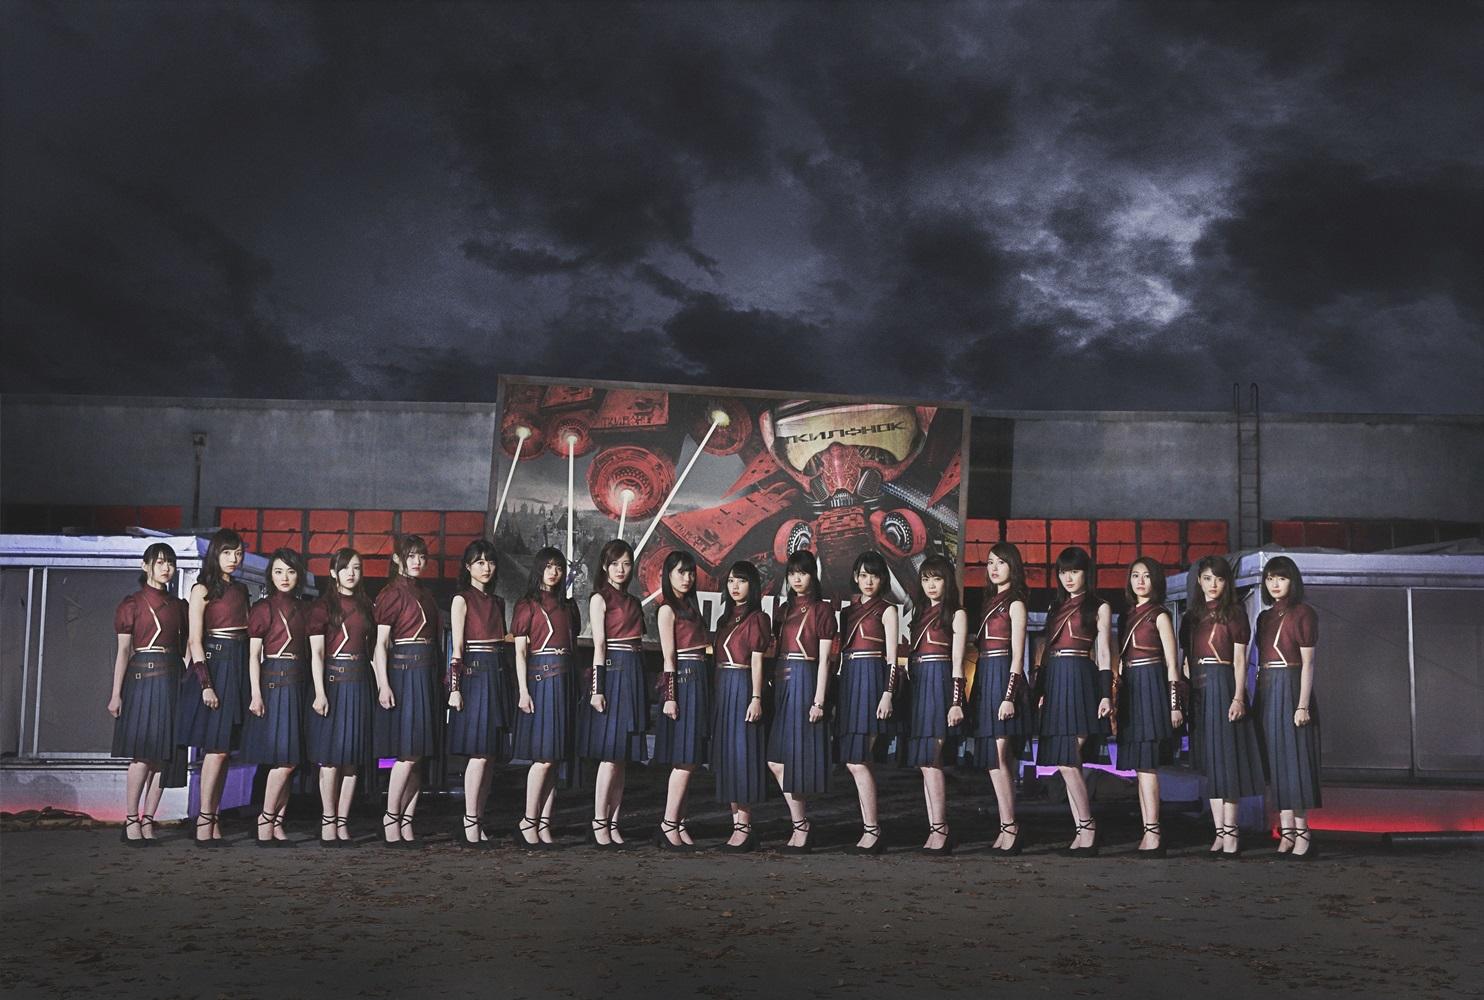 『ワンダーウーマン』×乃木坂46  (C)乃木坂46LLC